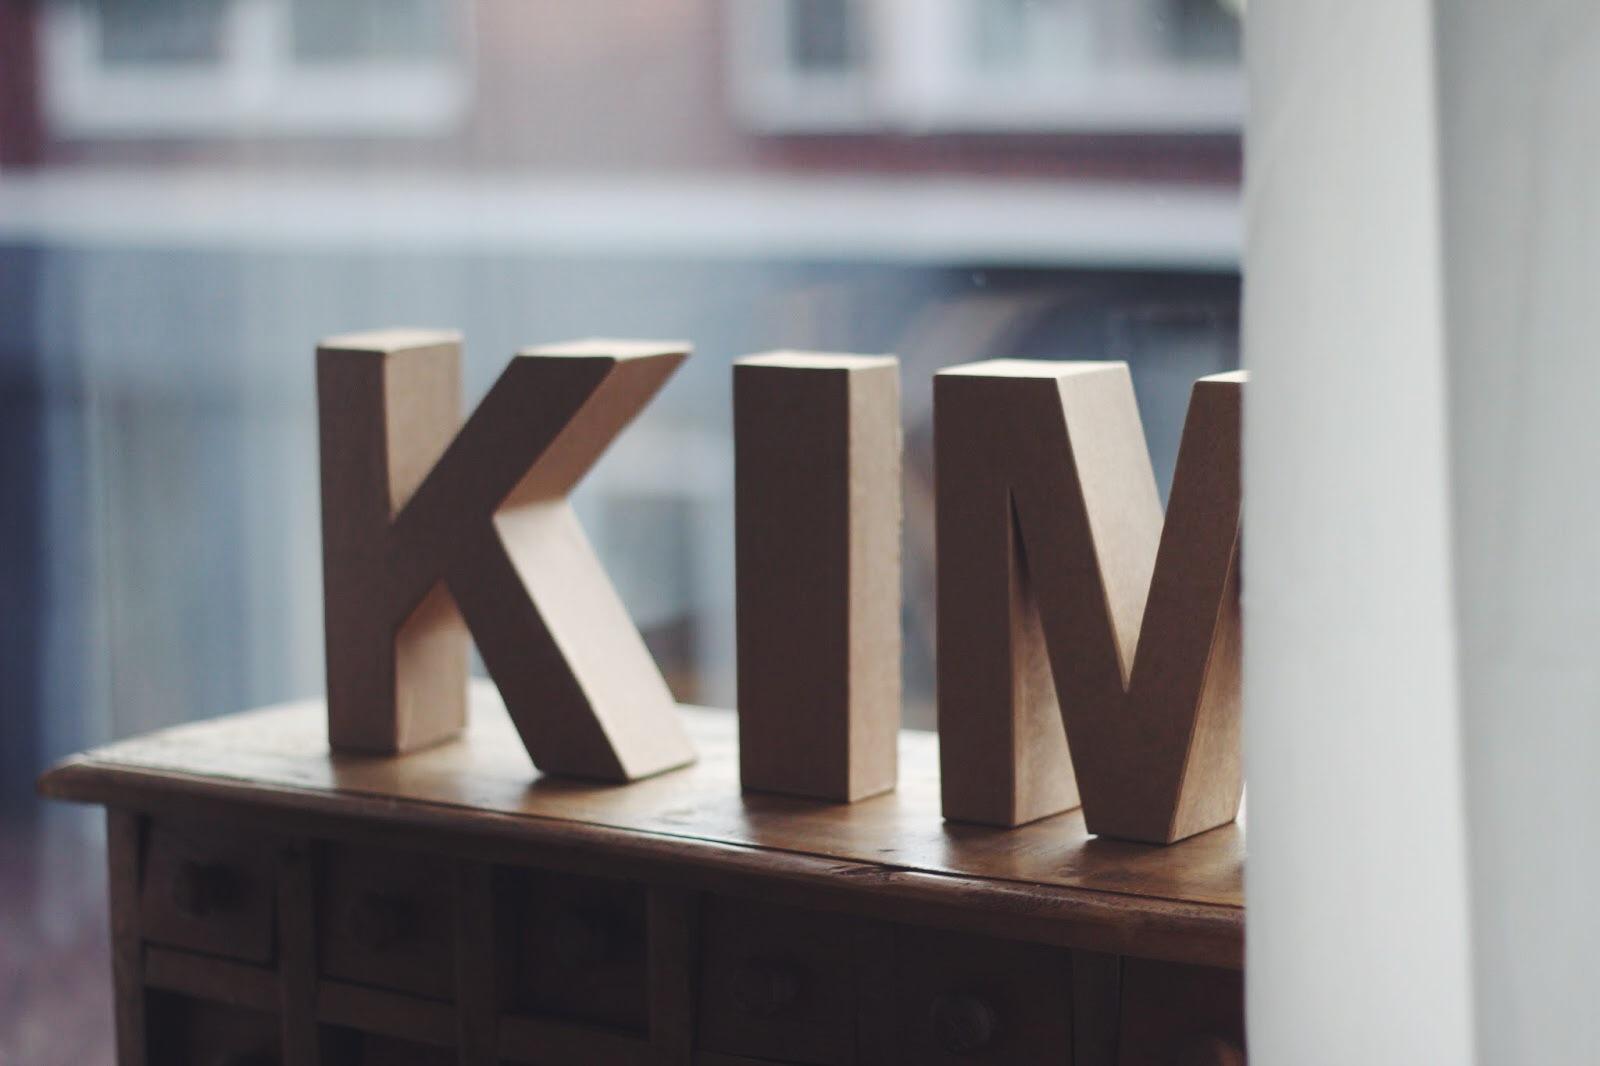 Xenon letters